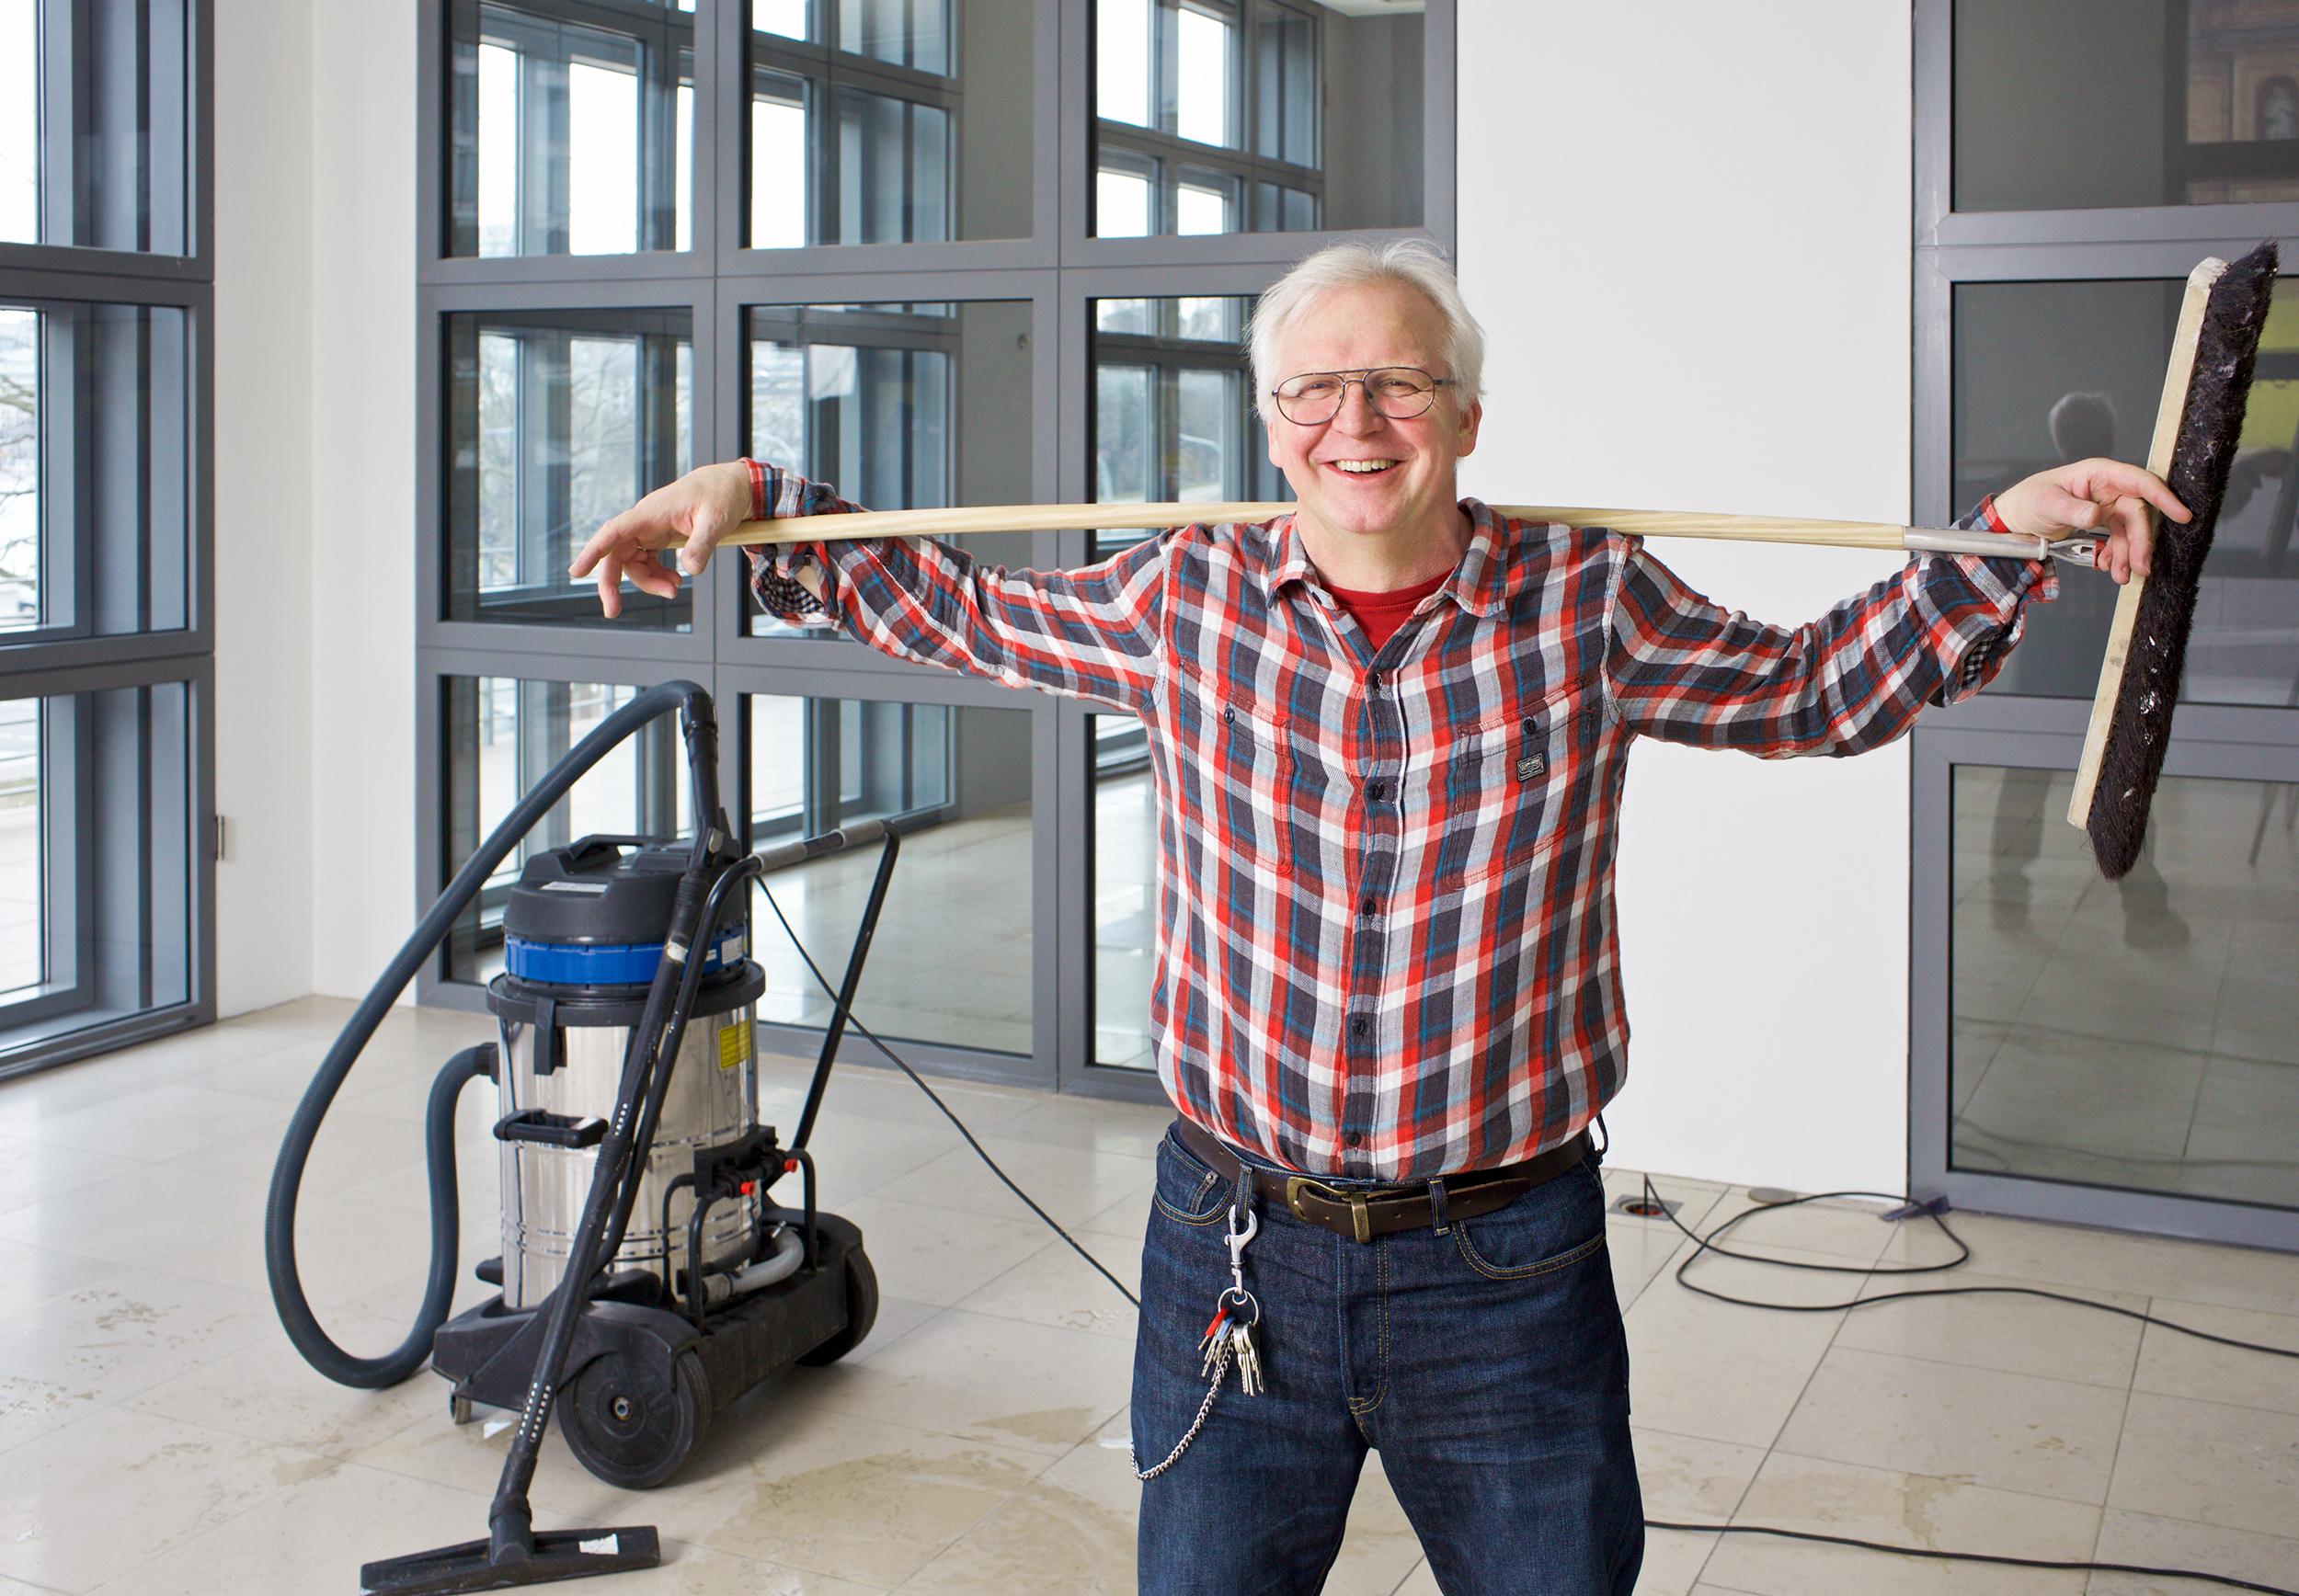 Festschrift- Volker Ruge, Hausmeister